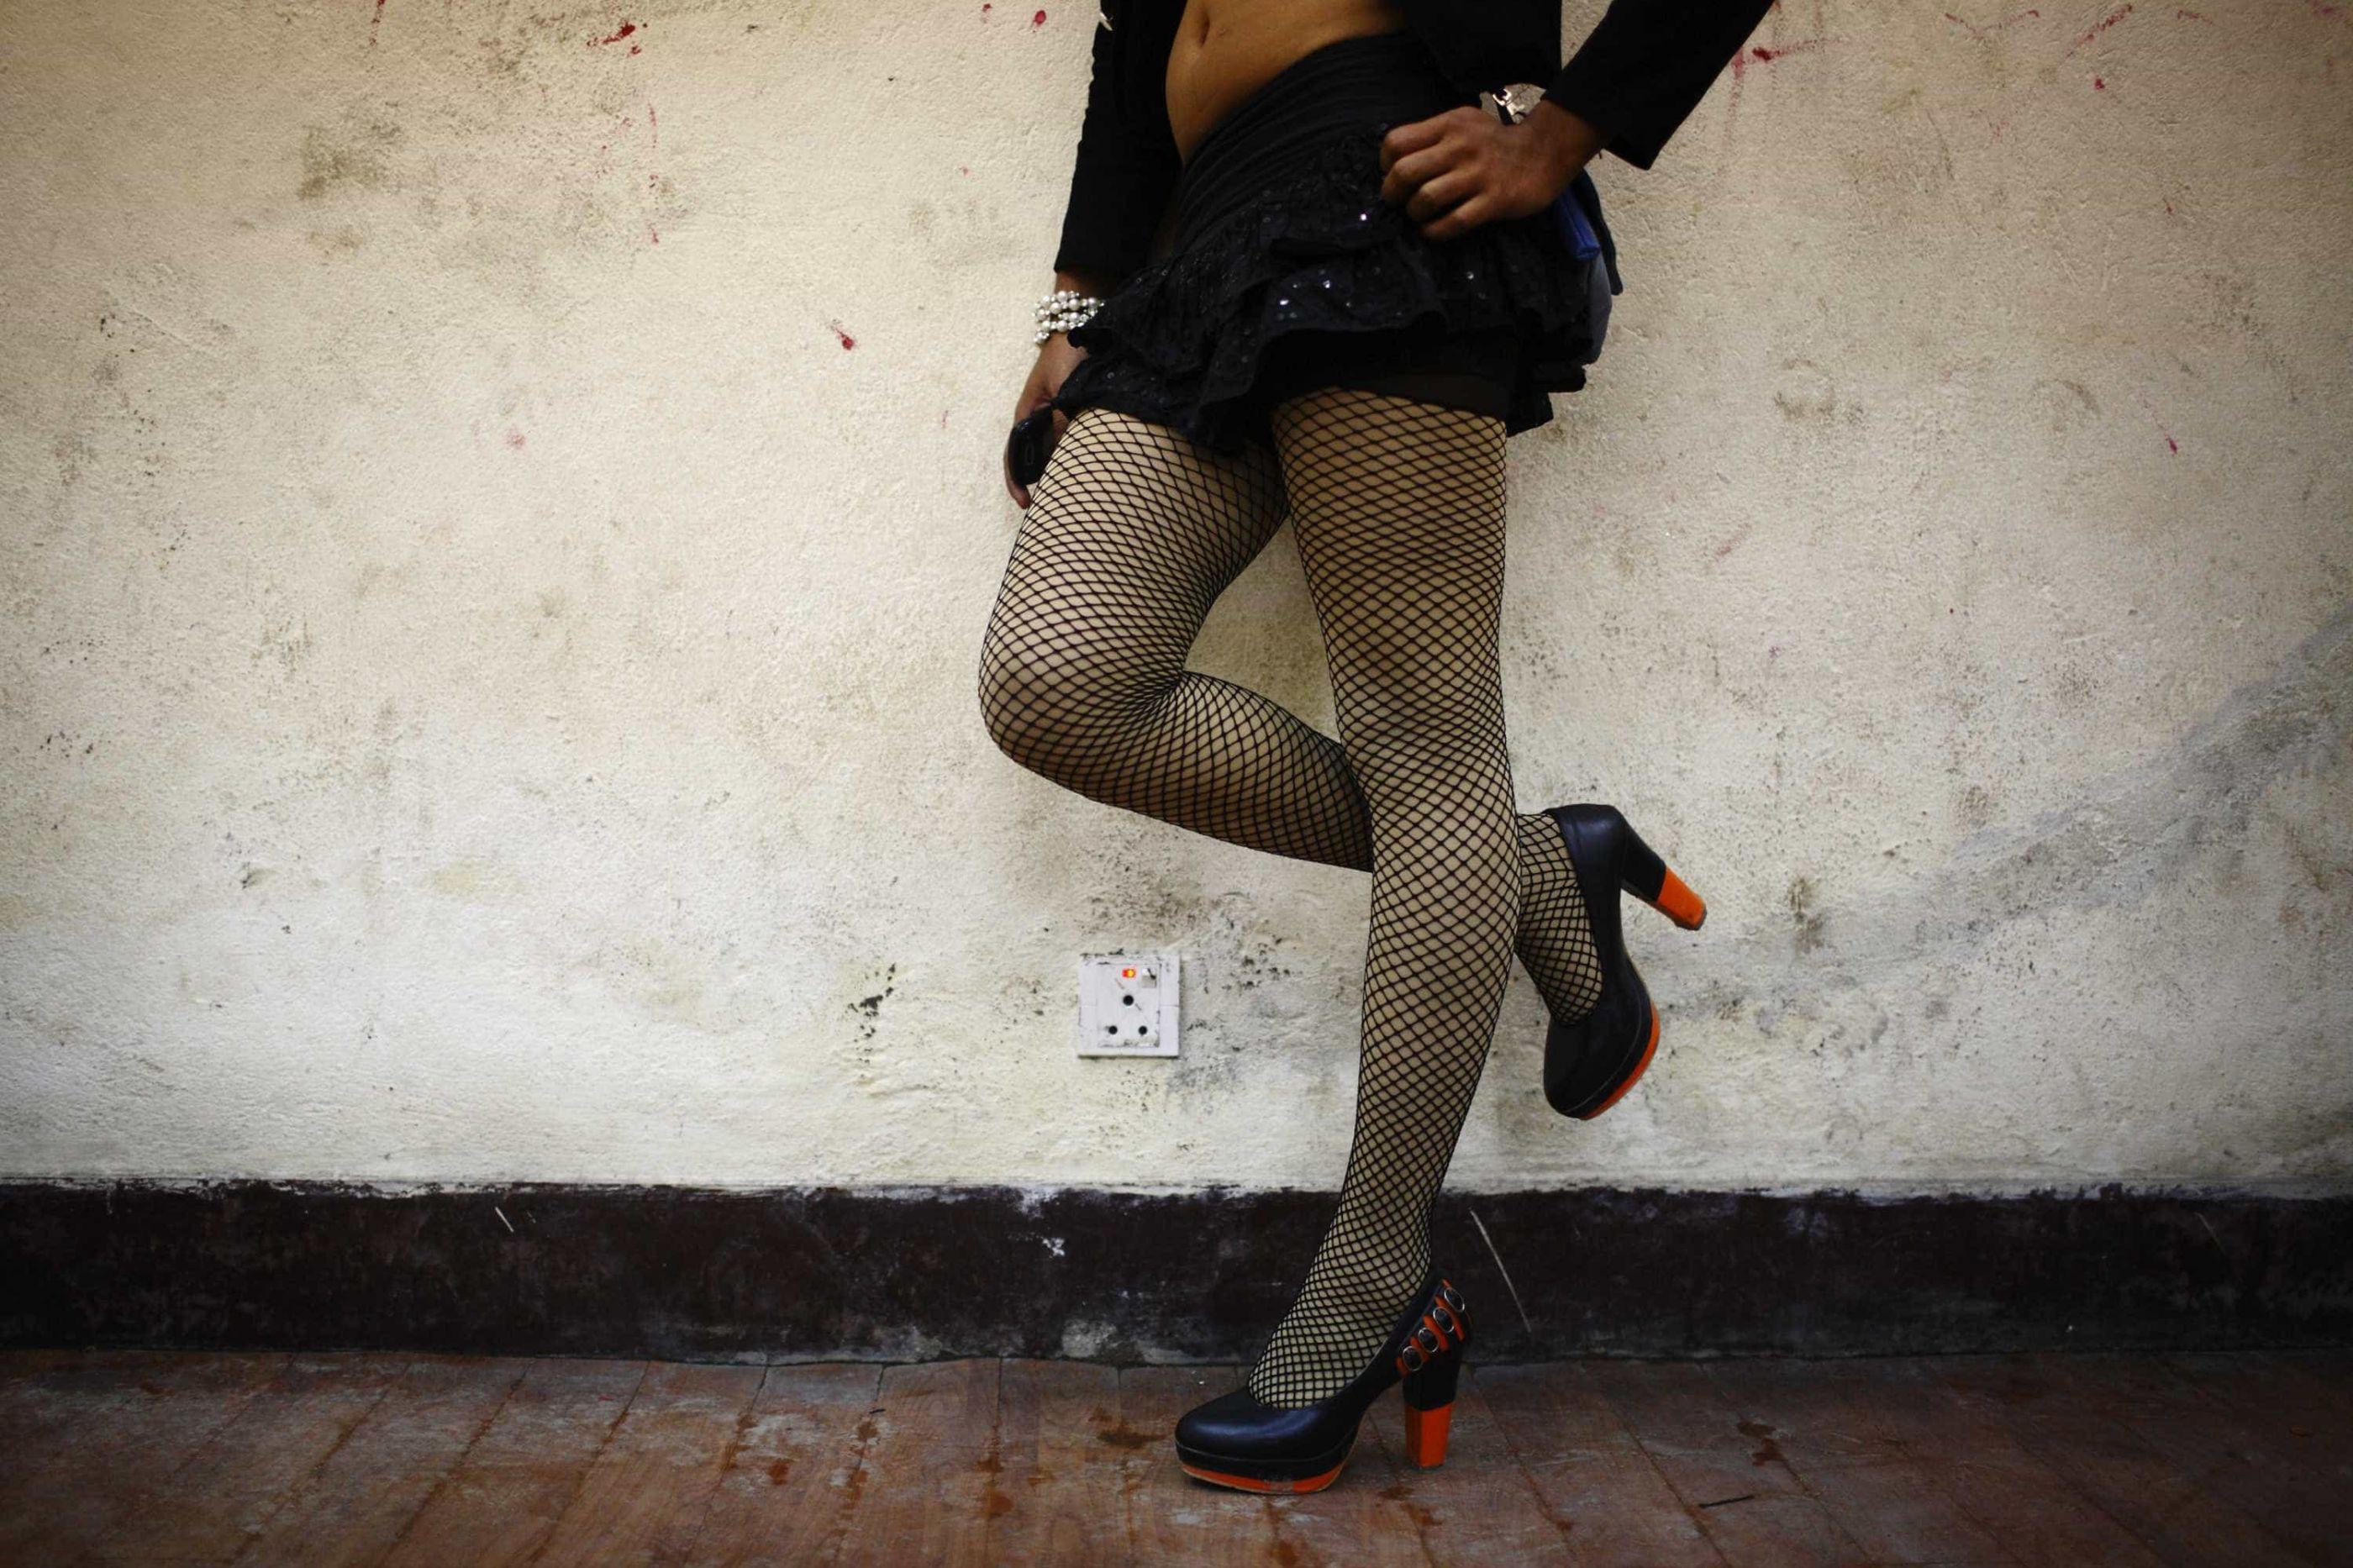 Lisboa força vereador do BE a cumprir estratégia contra prostituição